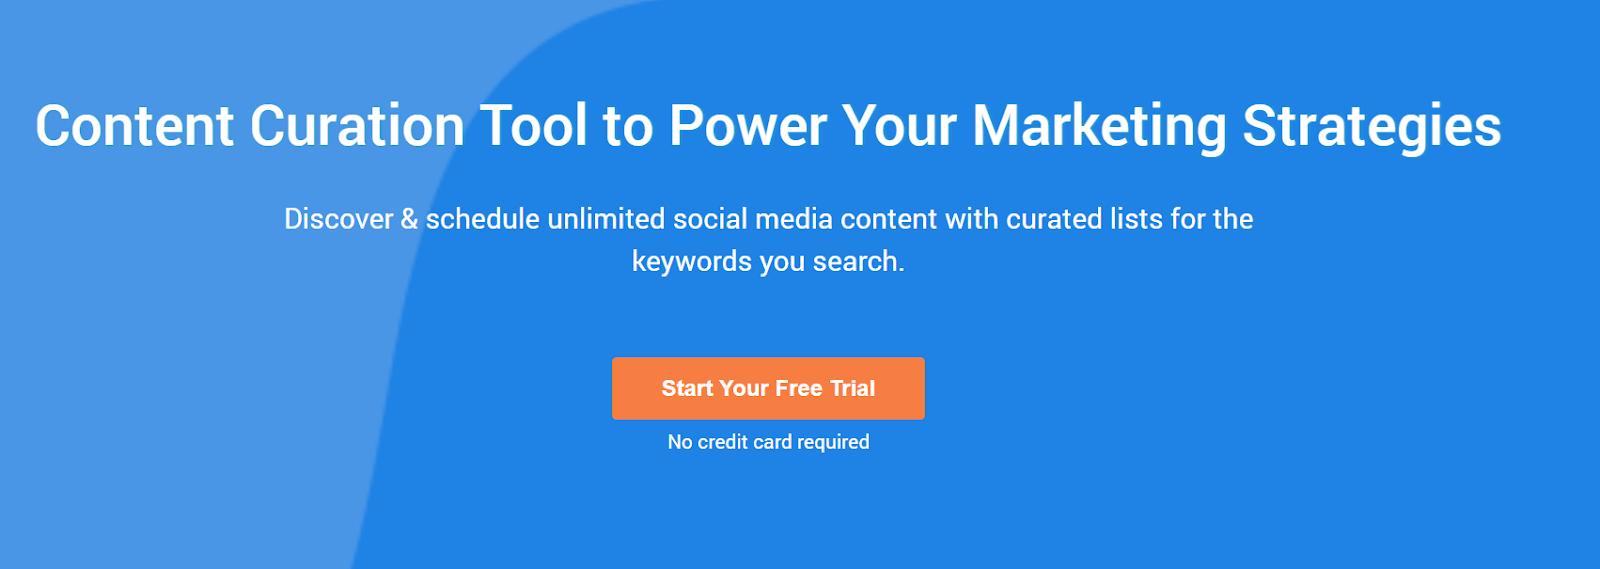 SocialPilot Content Curation Tools